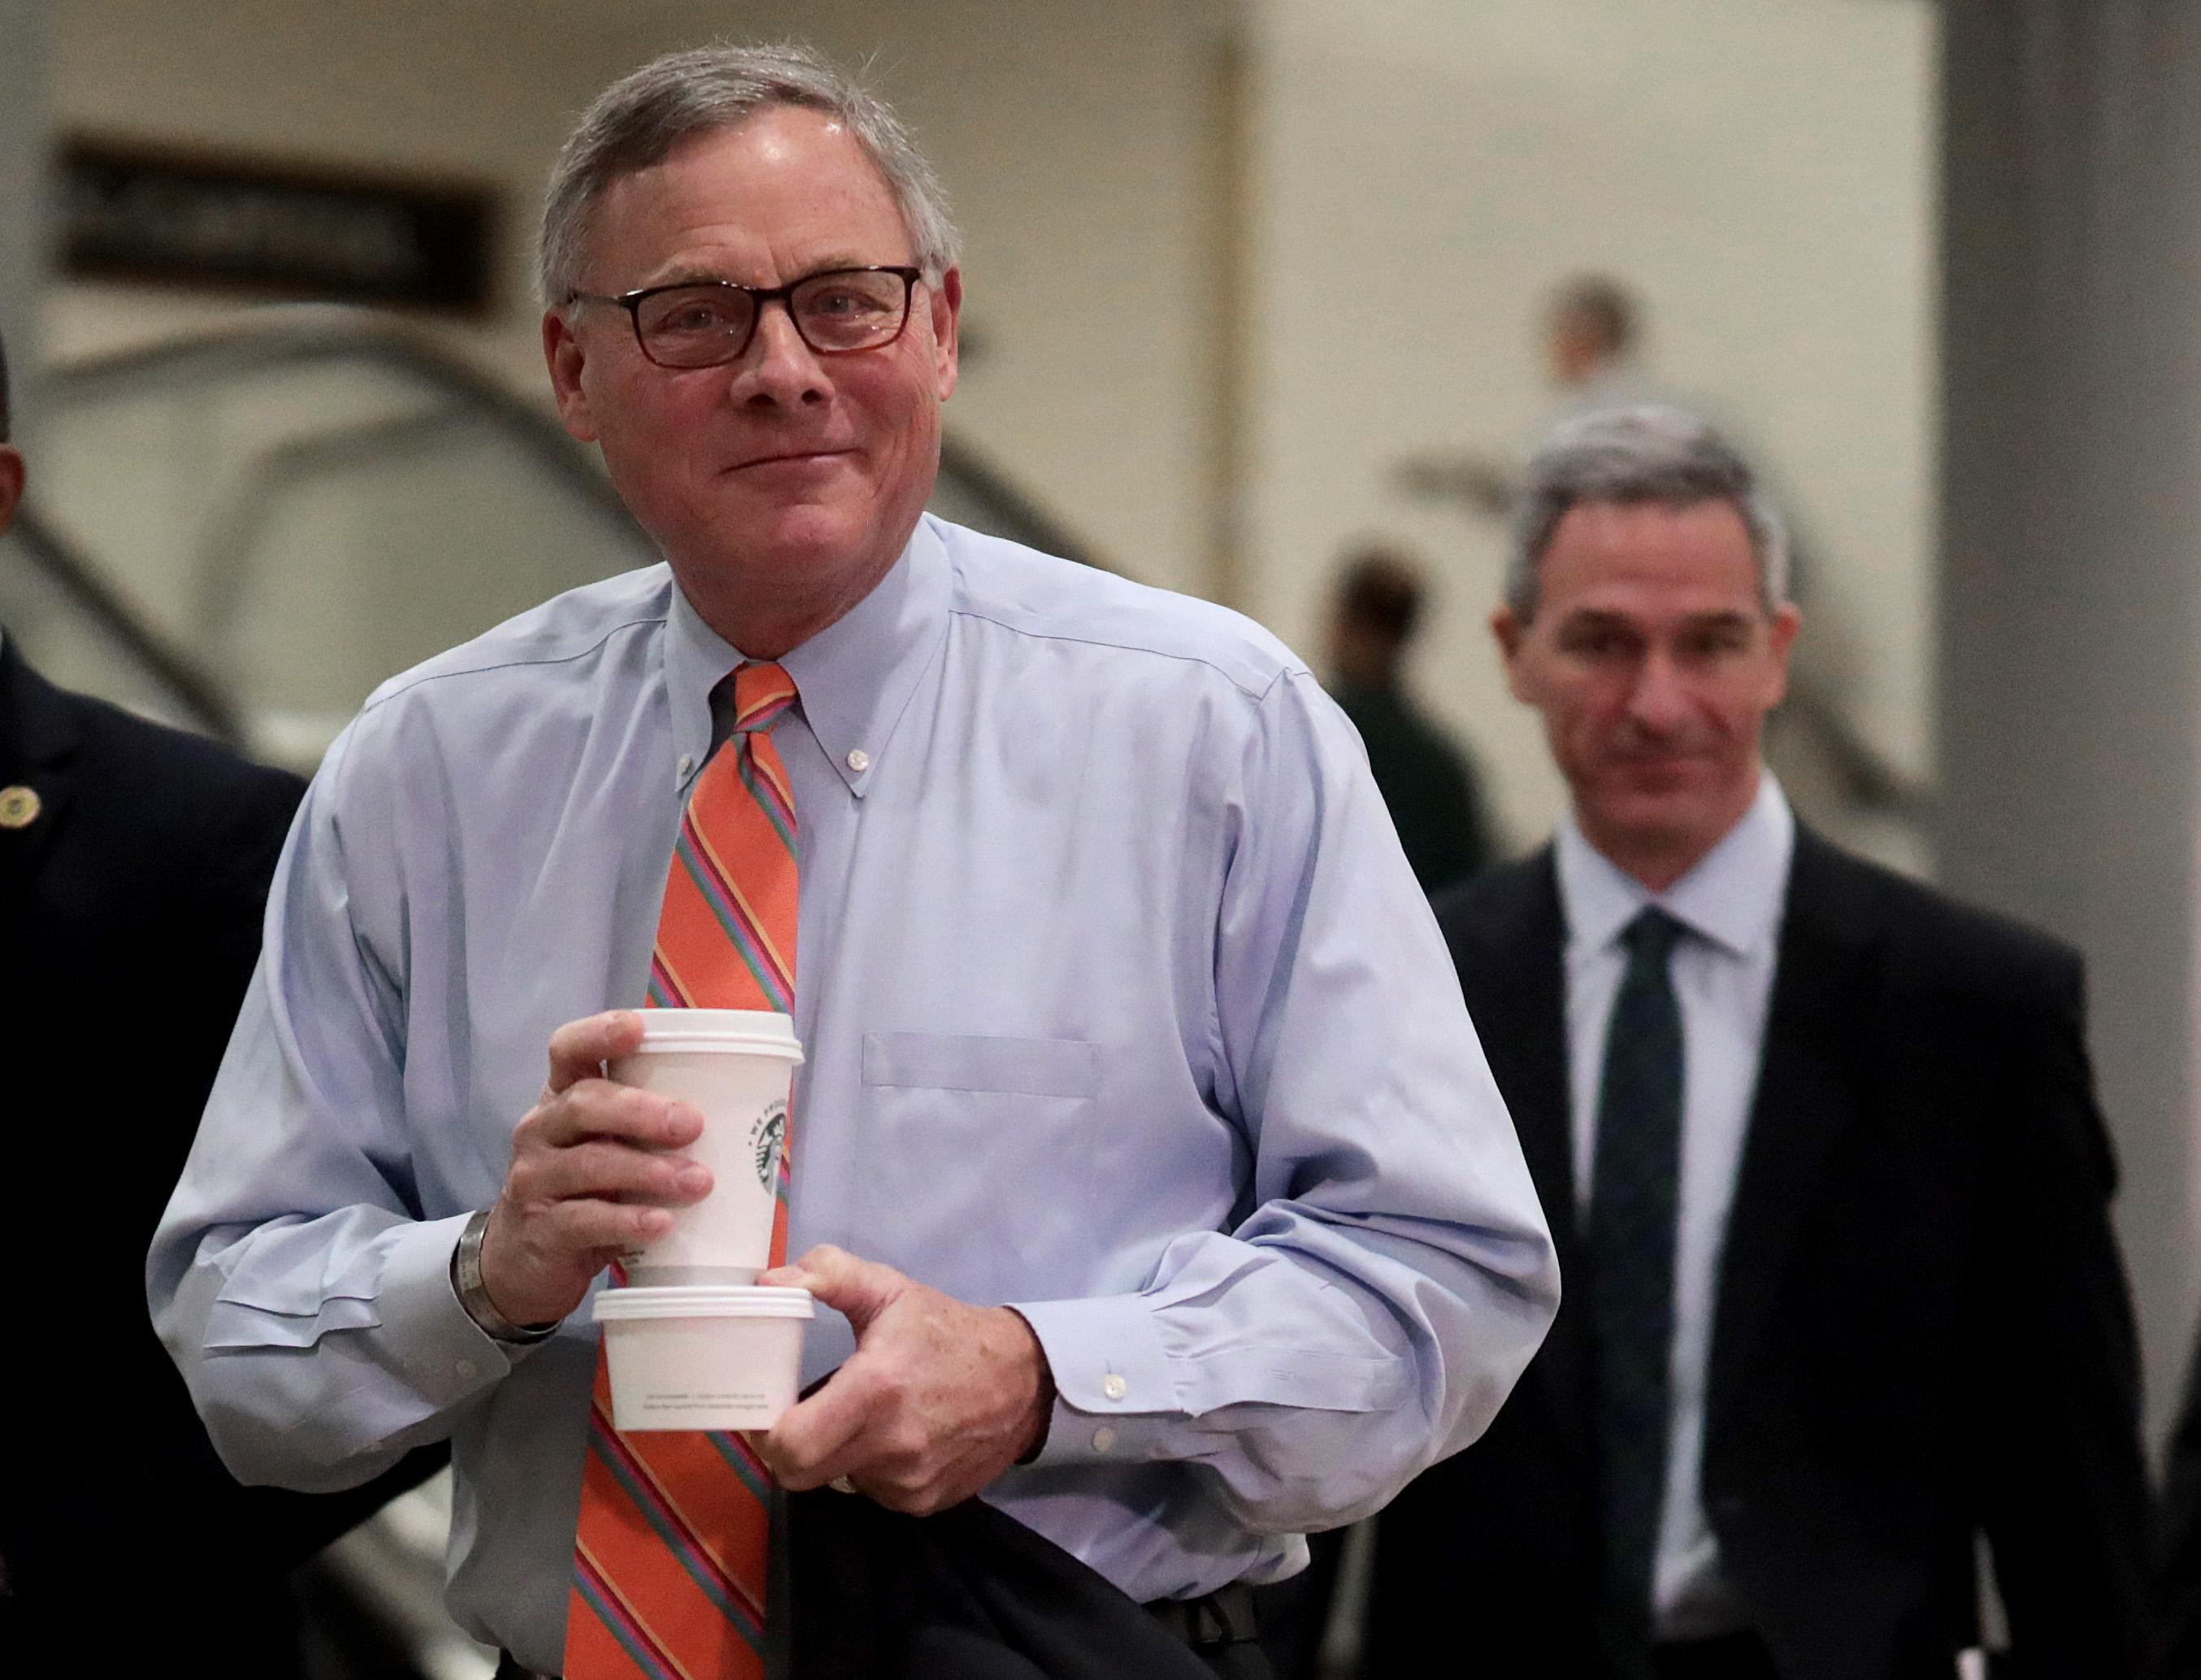 A koronavírus veszélyeiről tájékoztatott republikánus politikusok épp a tőzsde bezuhanása előtt adták el a részvényeiket